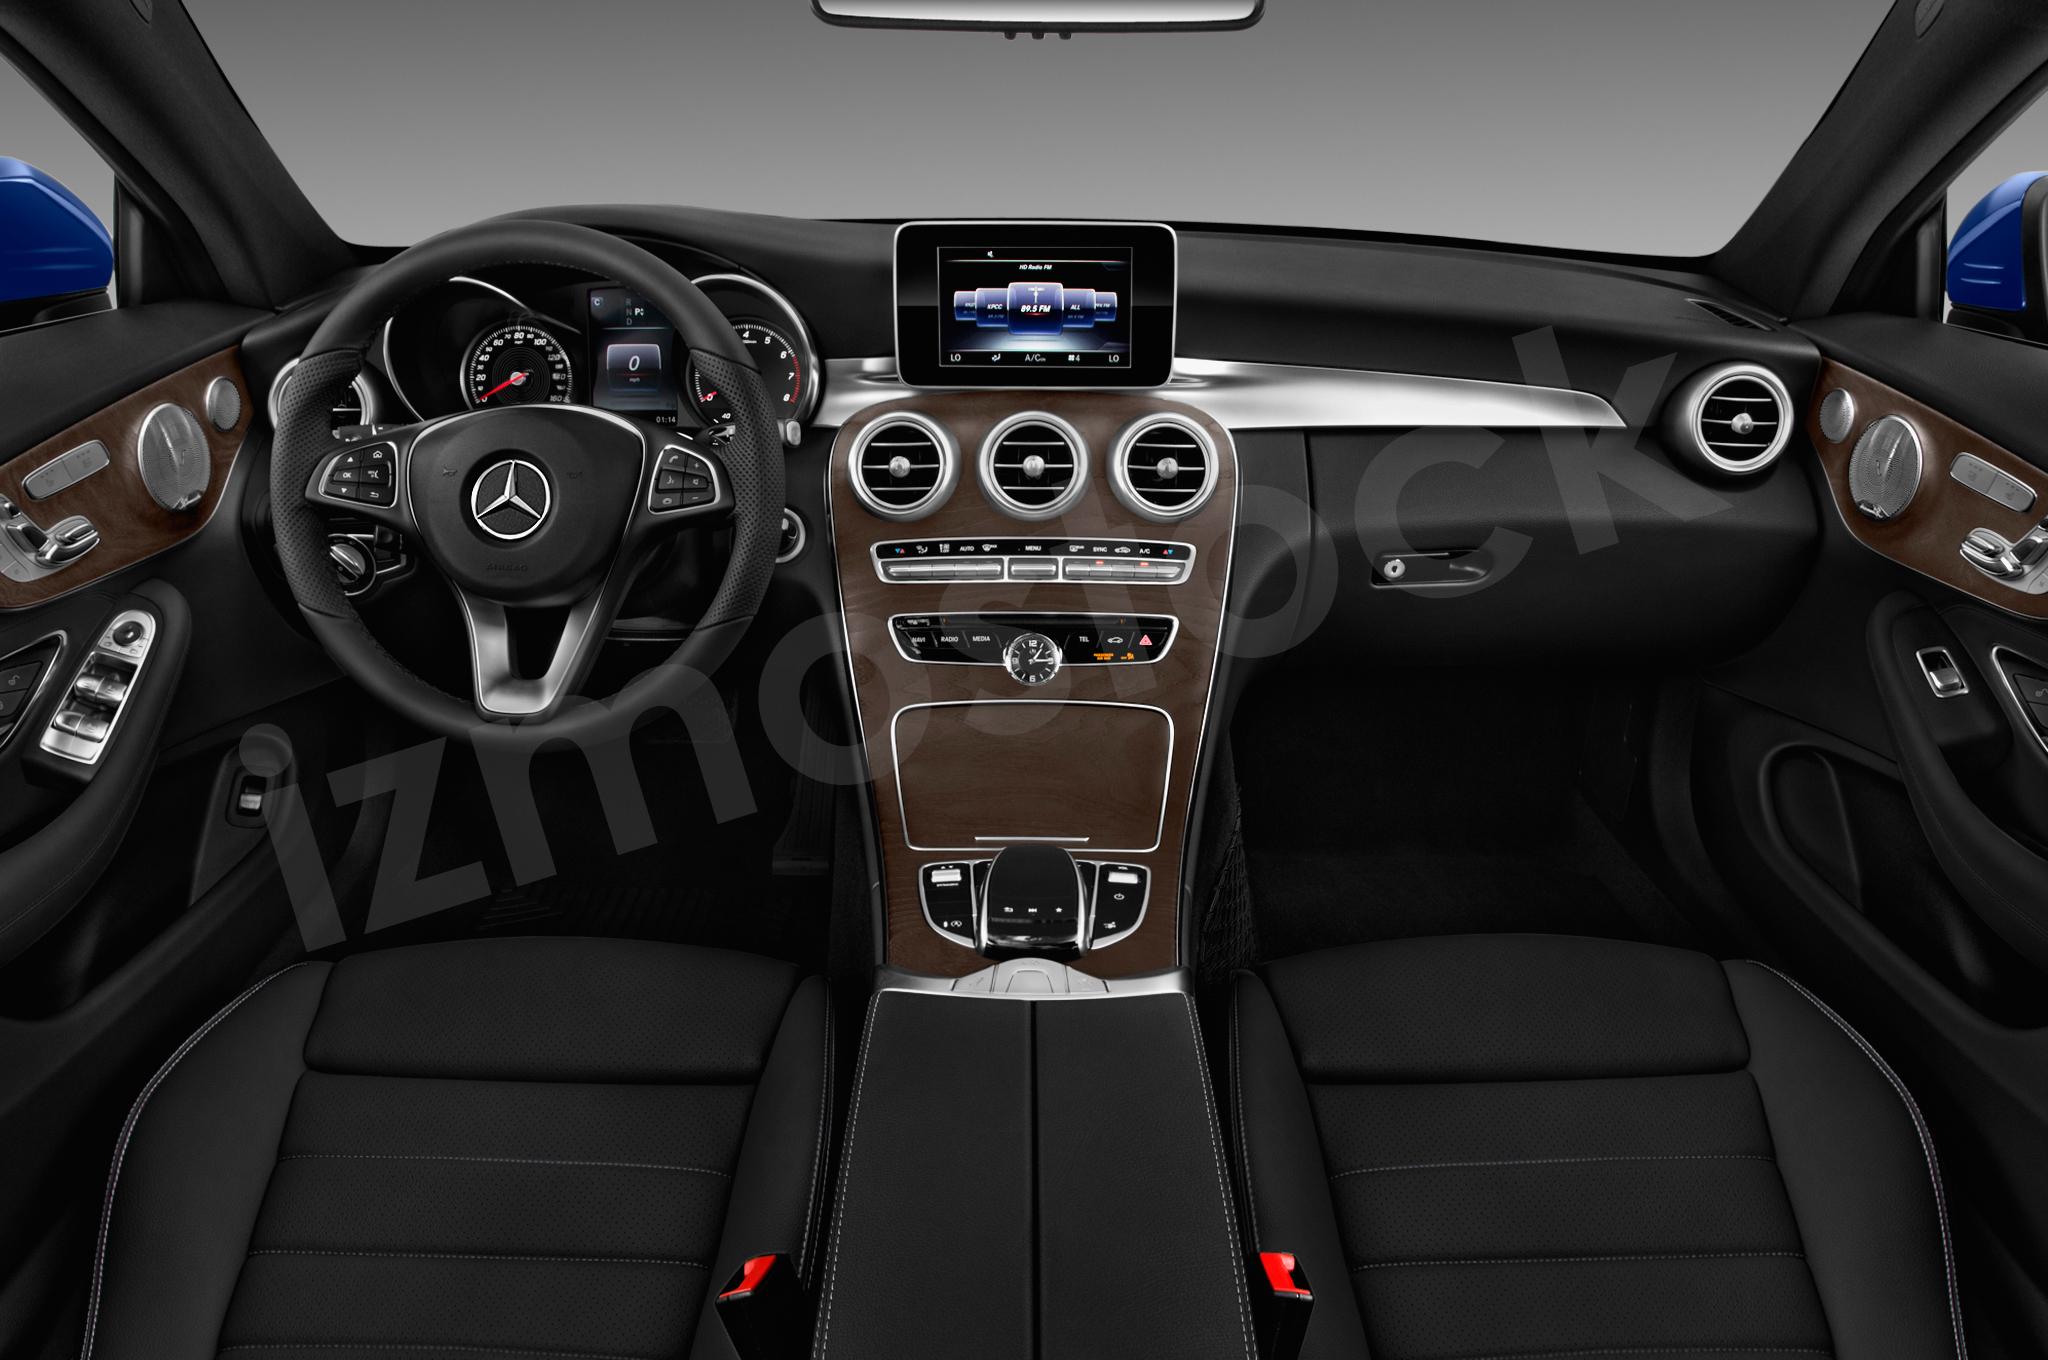 100 mercedes dashboard 2017 new mercedes e class for Mercedes benz dashboard lights not working